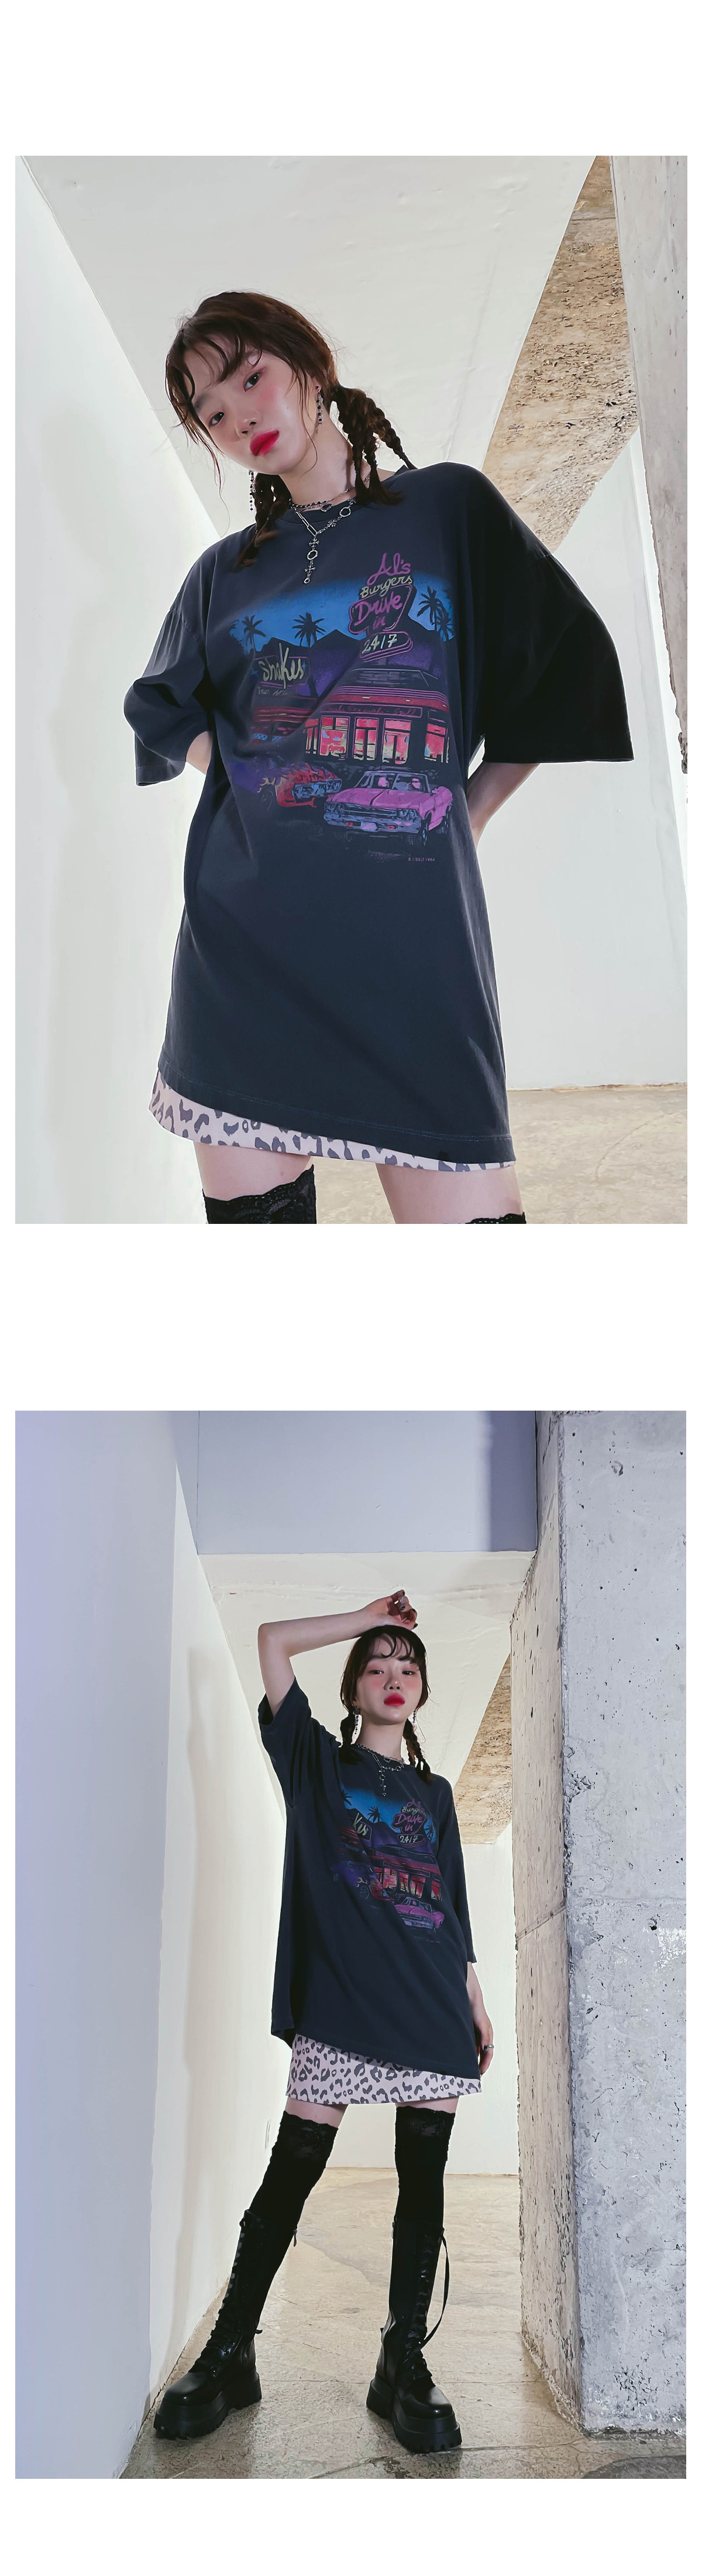 Pigmented Ket T-shirt